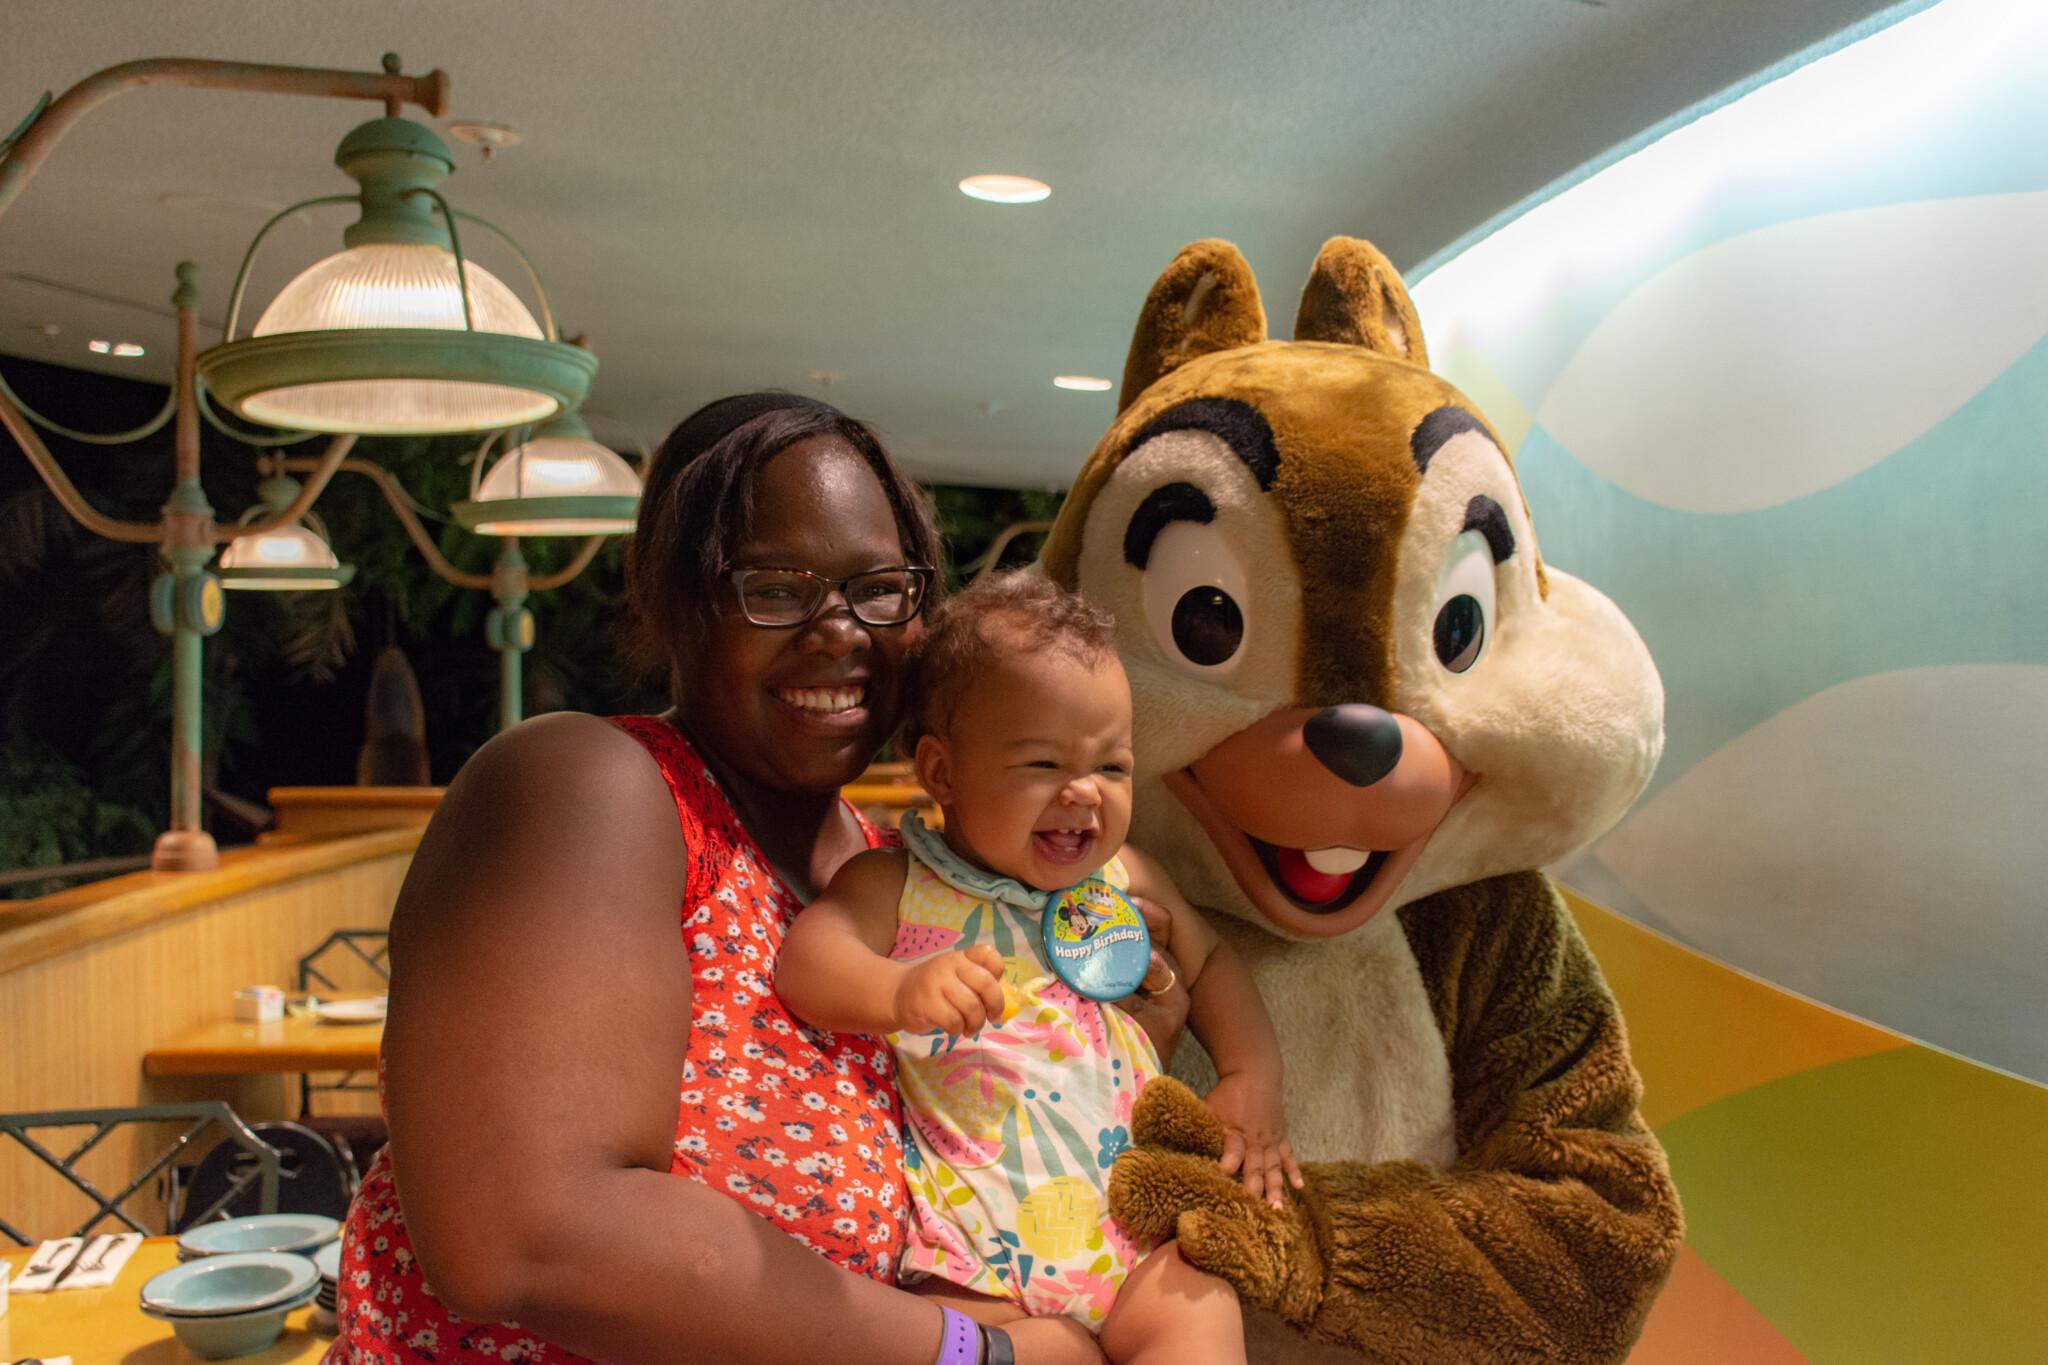 2 semaines en Floride avec un bébé de 1 an - Séjour du 2 au 16 mai 2019 DCL + WDW - Page 18 DSC_8755-2048x1365